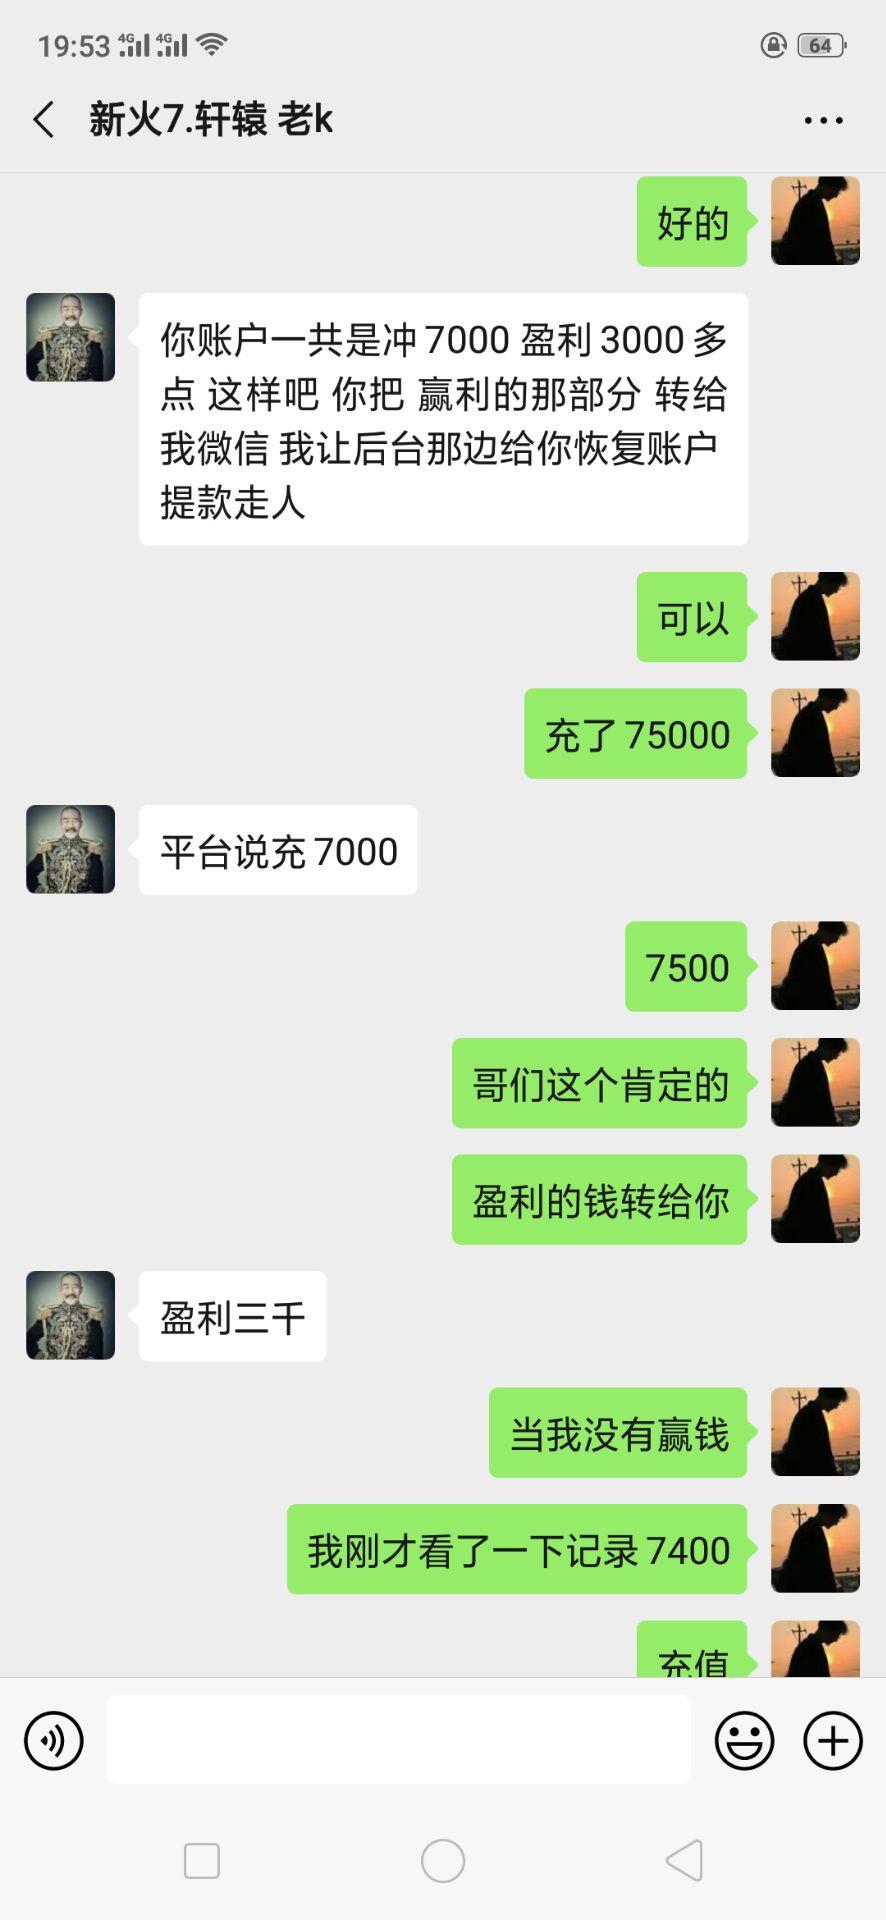 《轩辕娱乐,盈利删除账号,上级索要打点费》